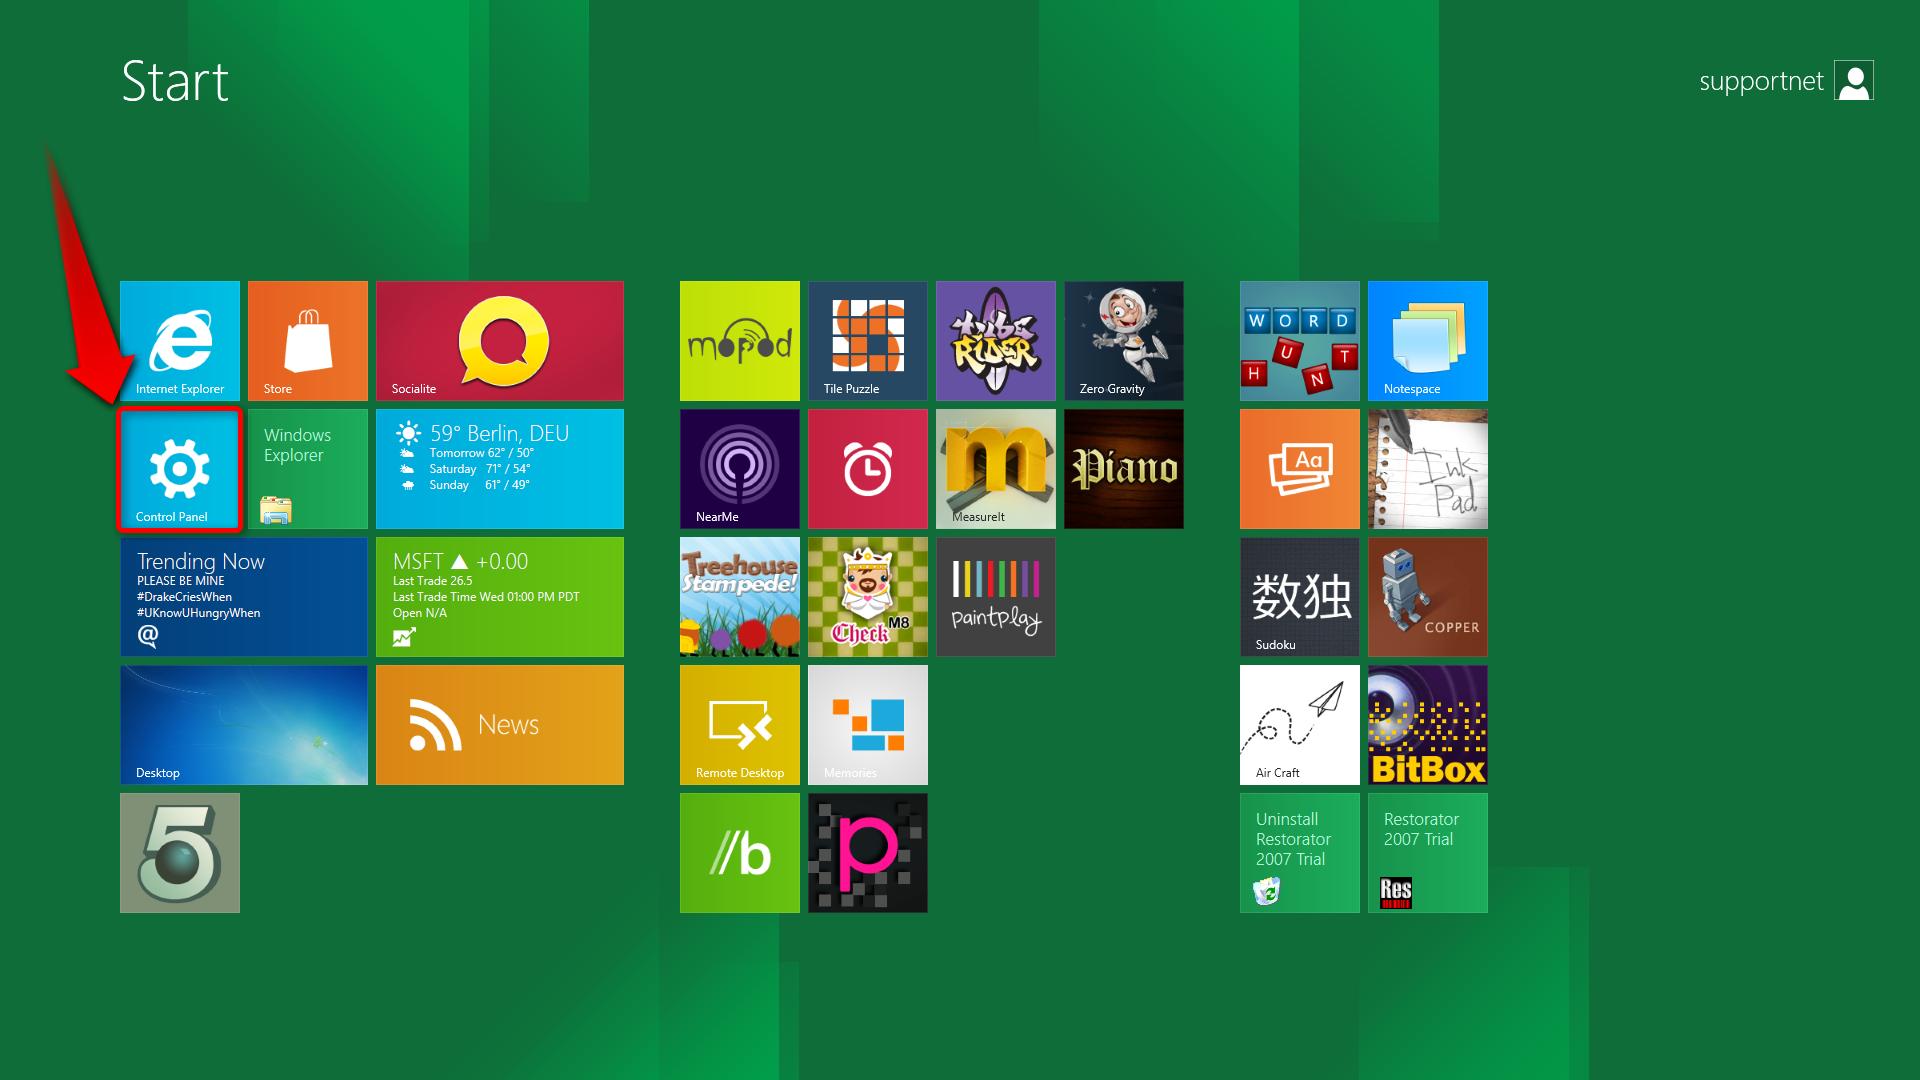 01-Windows8-Windows-zuruecksetzten-default-470.png?nocache=1316083673616